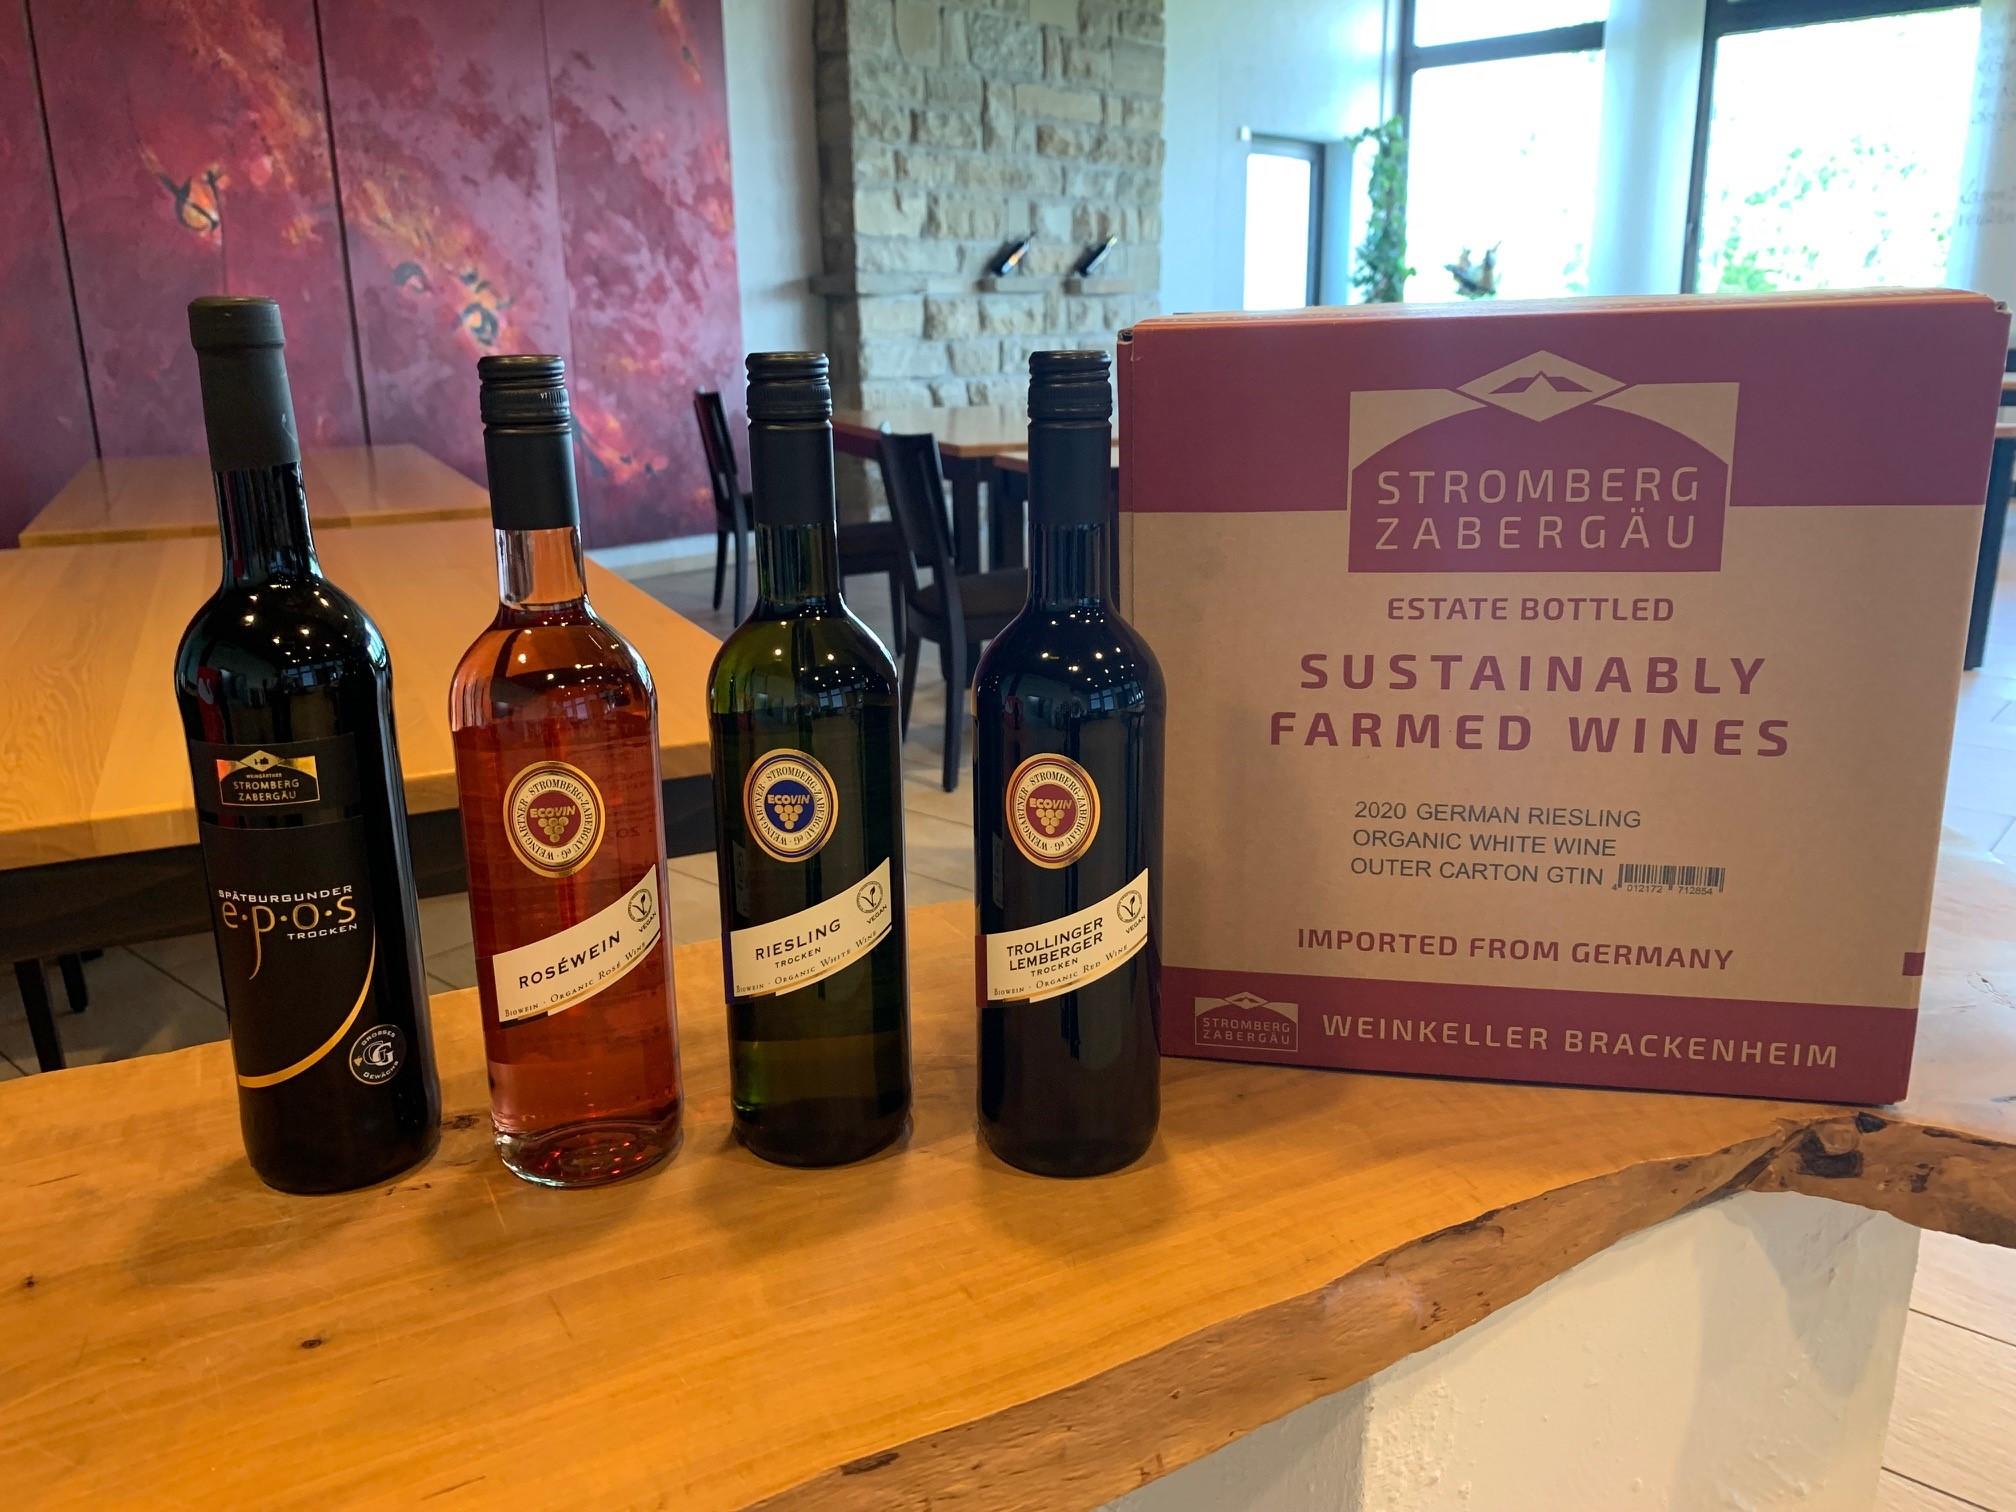 Die vier in japan erfolgreich verkauften Weine der Weingärtner Stromberg-Zabergäu und der Verpackungs-Karton